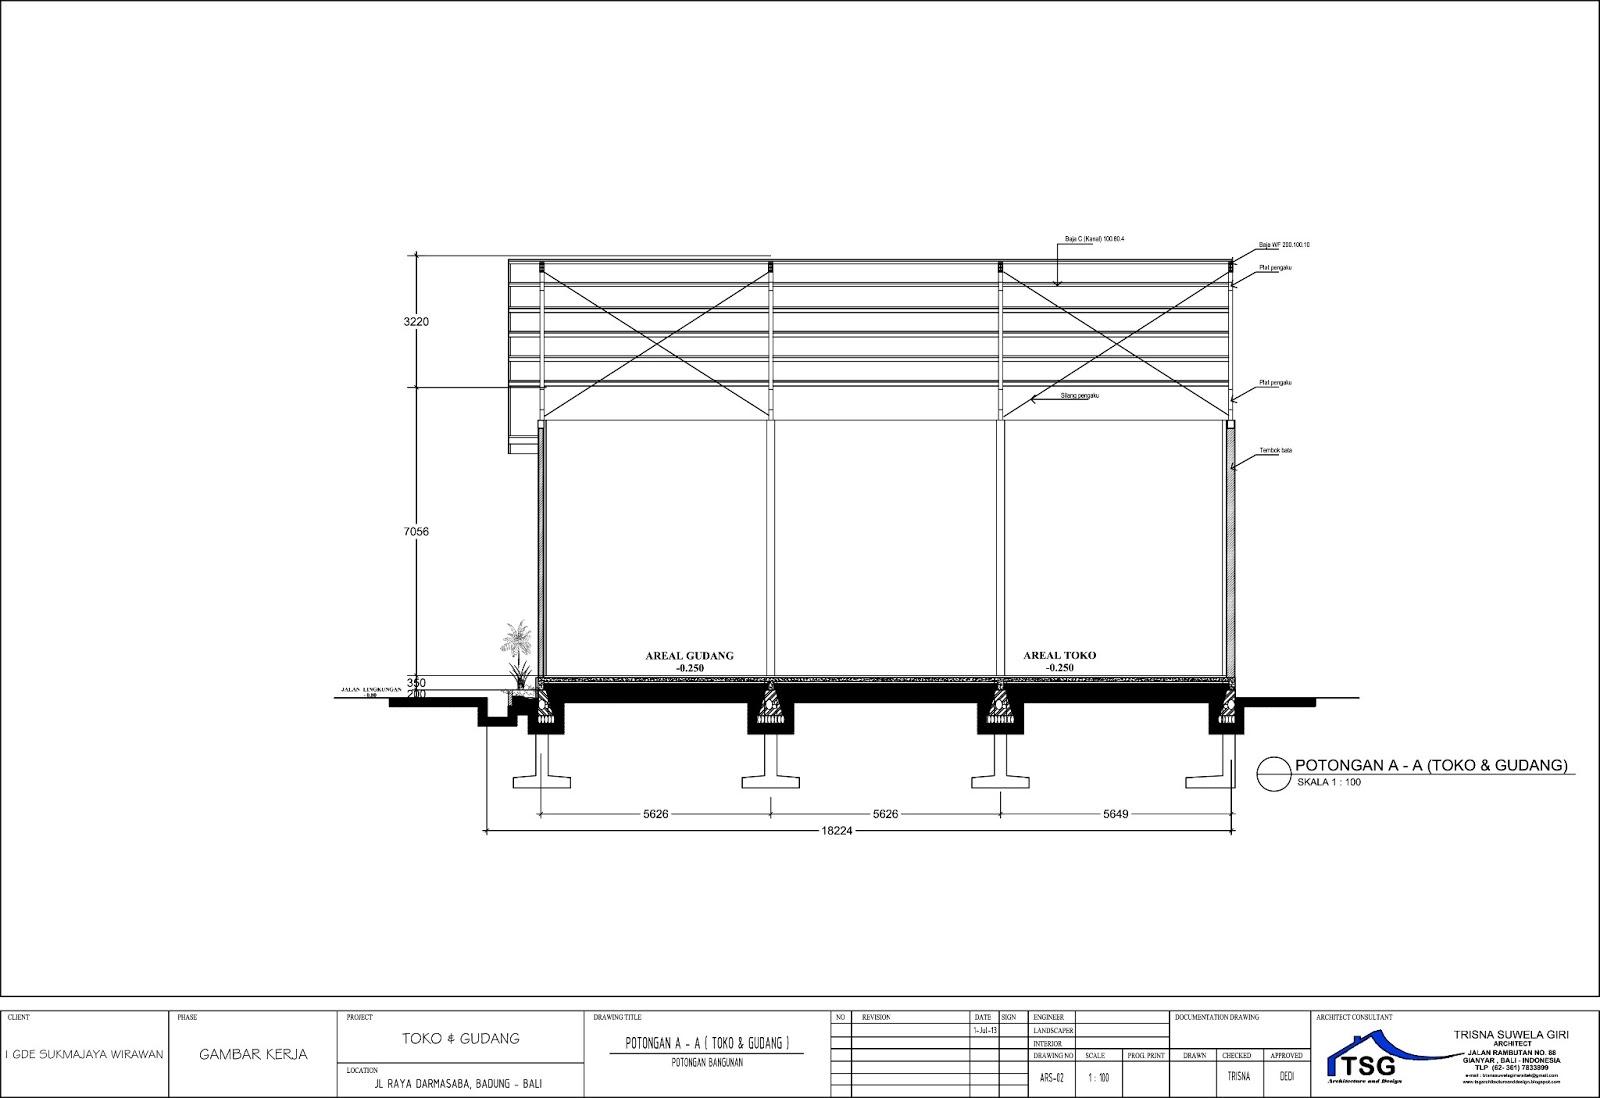 Contoh Gambar Detail Arsitektur Kamar Mandi Tangga Di Rumah | Home Design Idea